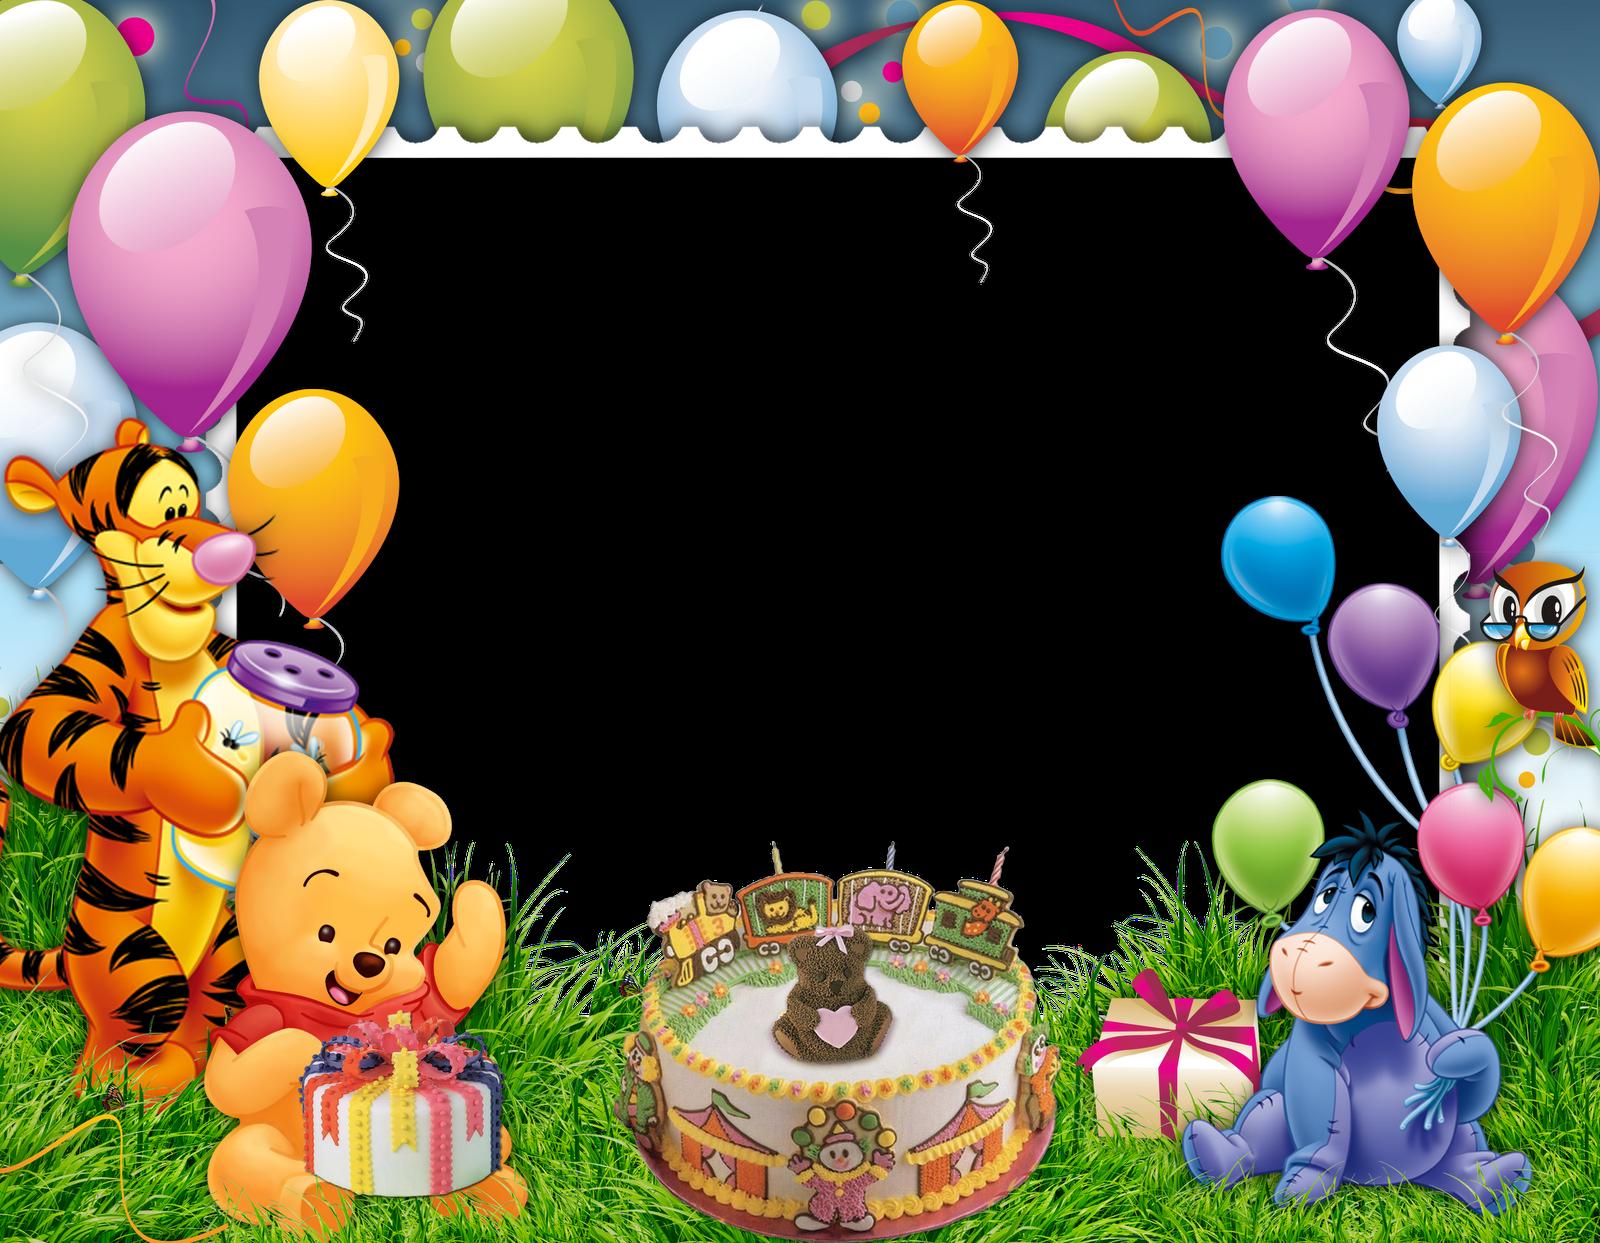 Photoshop for birthdays uma. Birthday frame png